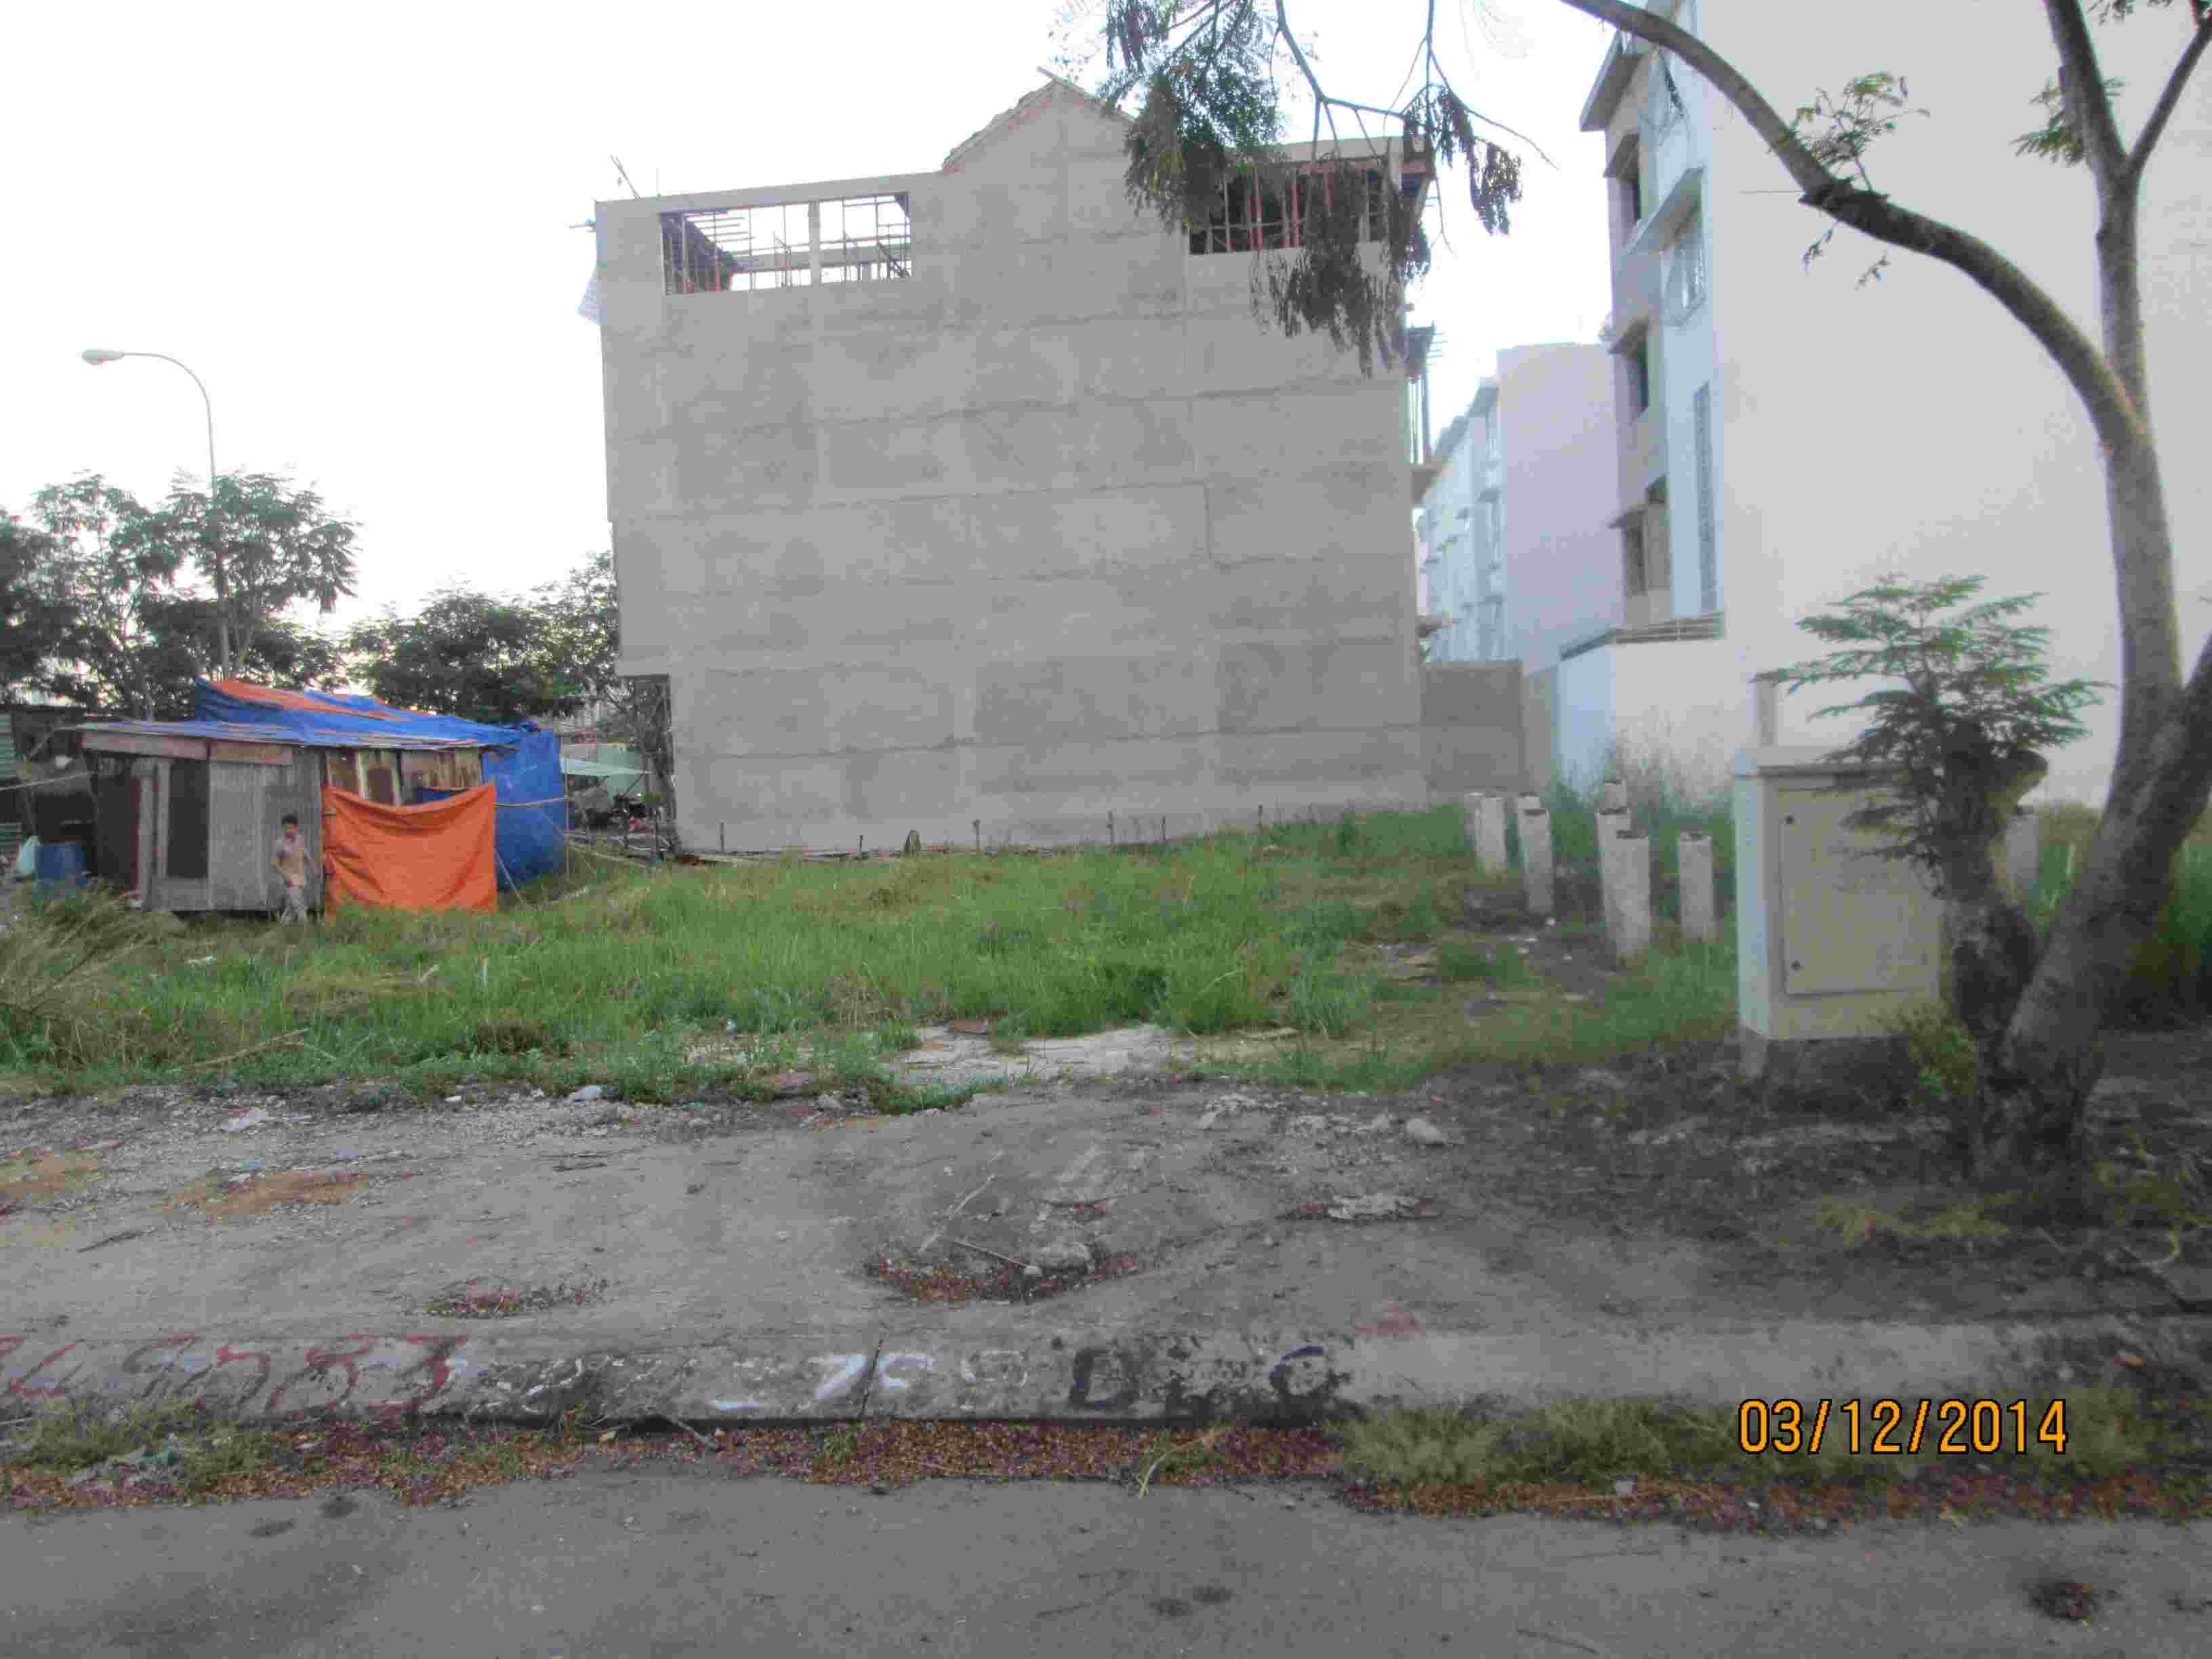 Bán nền đất nhà phố Sadeco Phước Kiển A, lô J12, sổ đỏ, 100m2, giá 82 triêu/m2, mặt tiền đường 16m.